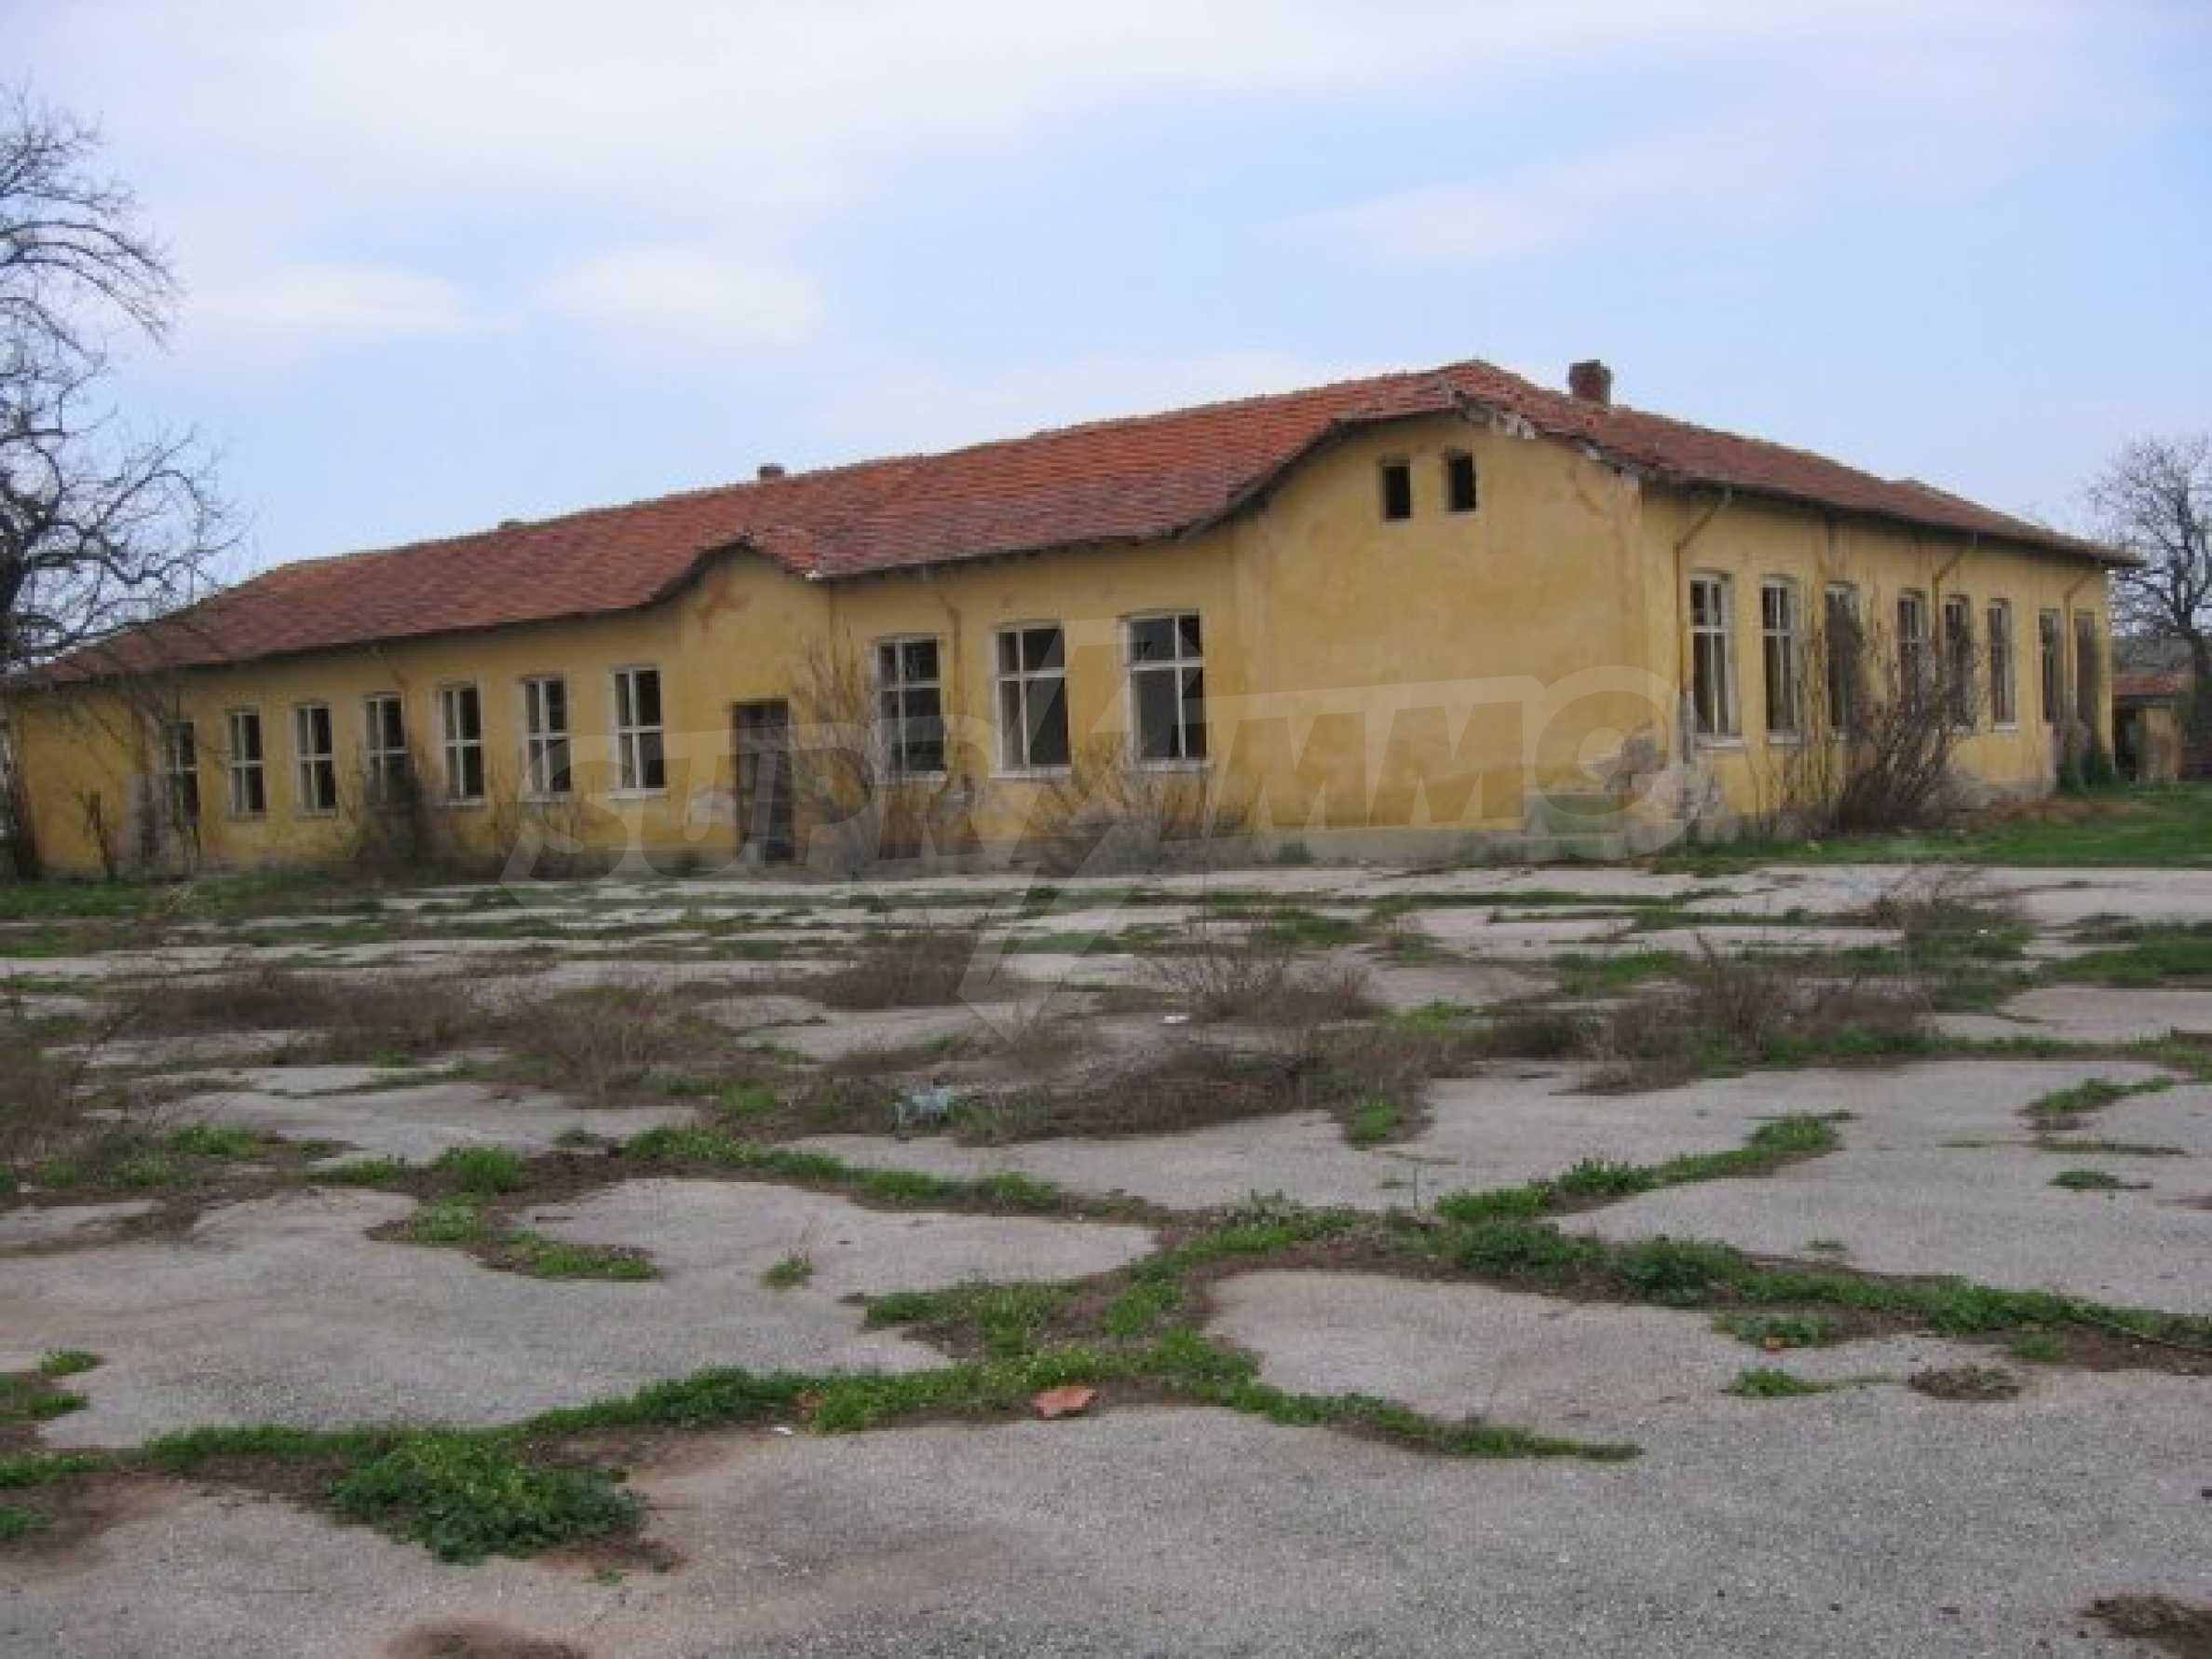 Другой тип недвижимости вблизи г. Хасково